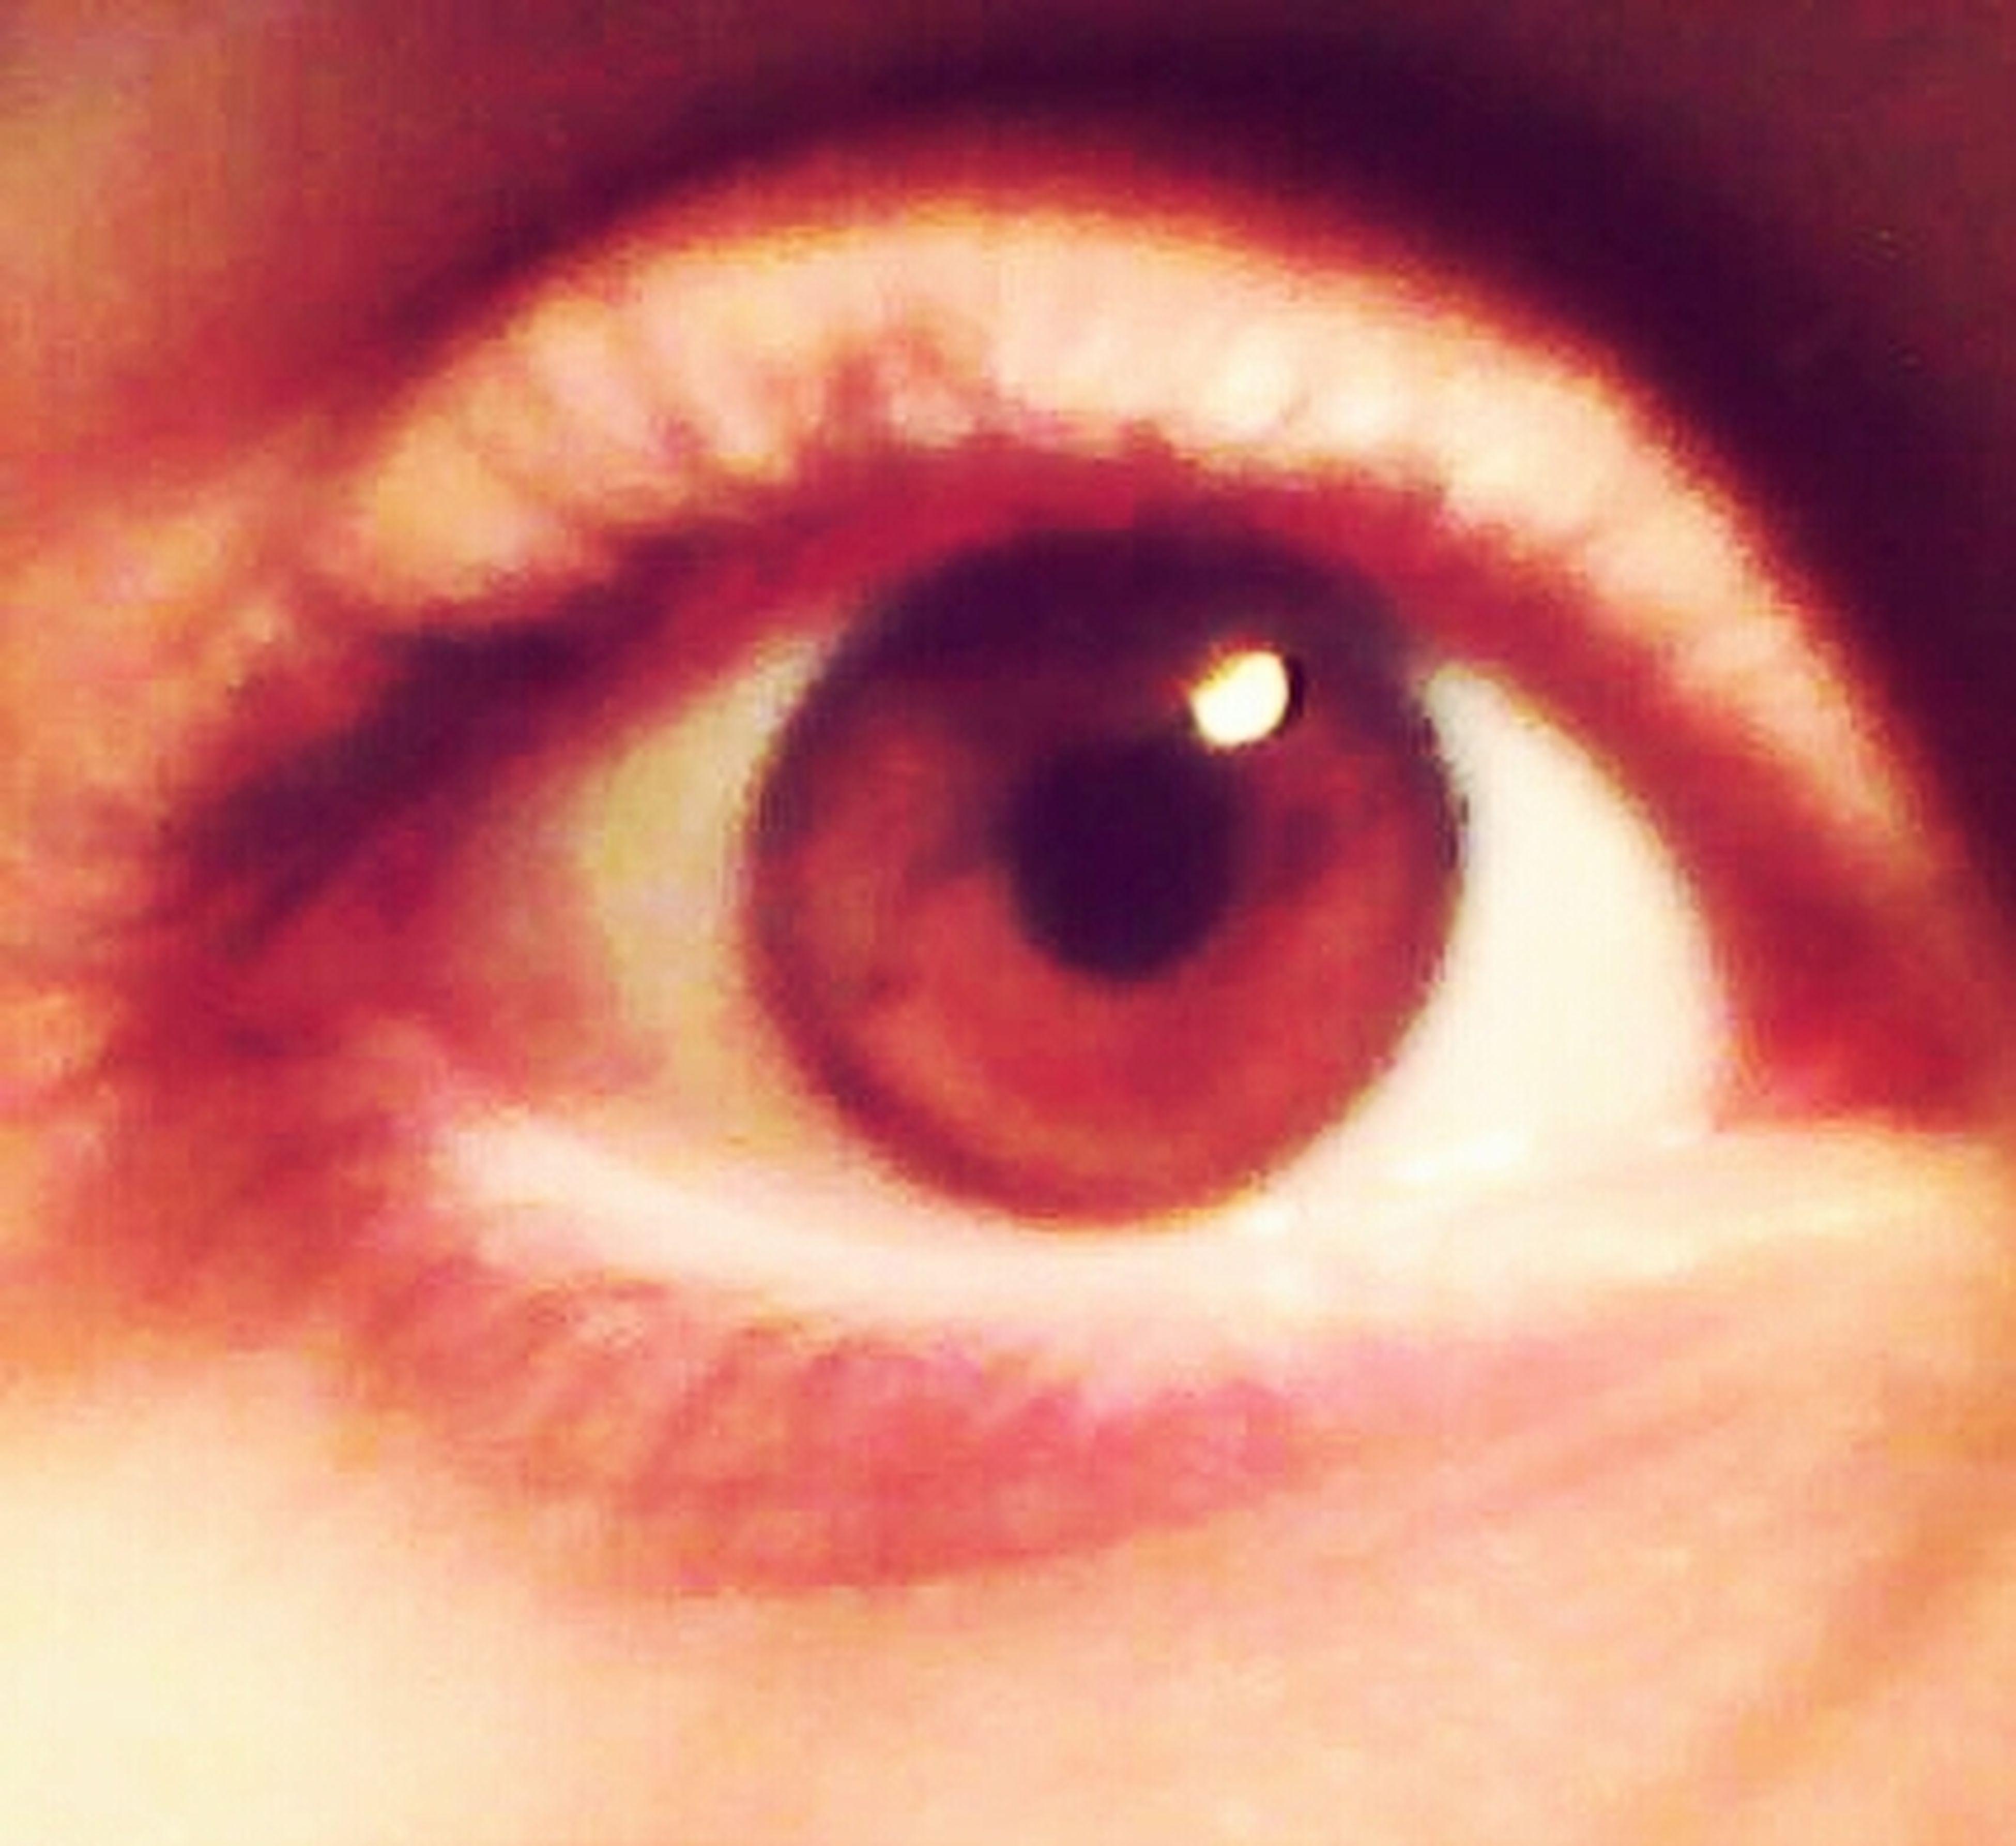 human eye, close-up, eyelash, eyesight, sensory perception, extreme close-up, part of, indoors, full frame, extreme close up, eyeball, red, unrecognizable person, backgrounds, iris - eye, detail, vision